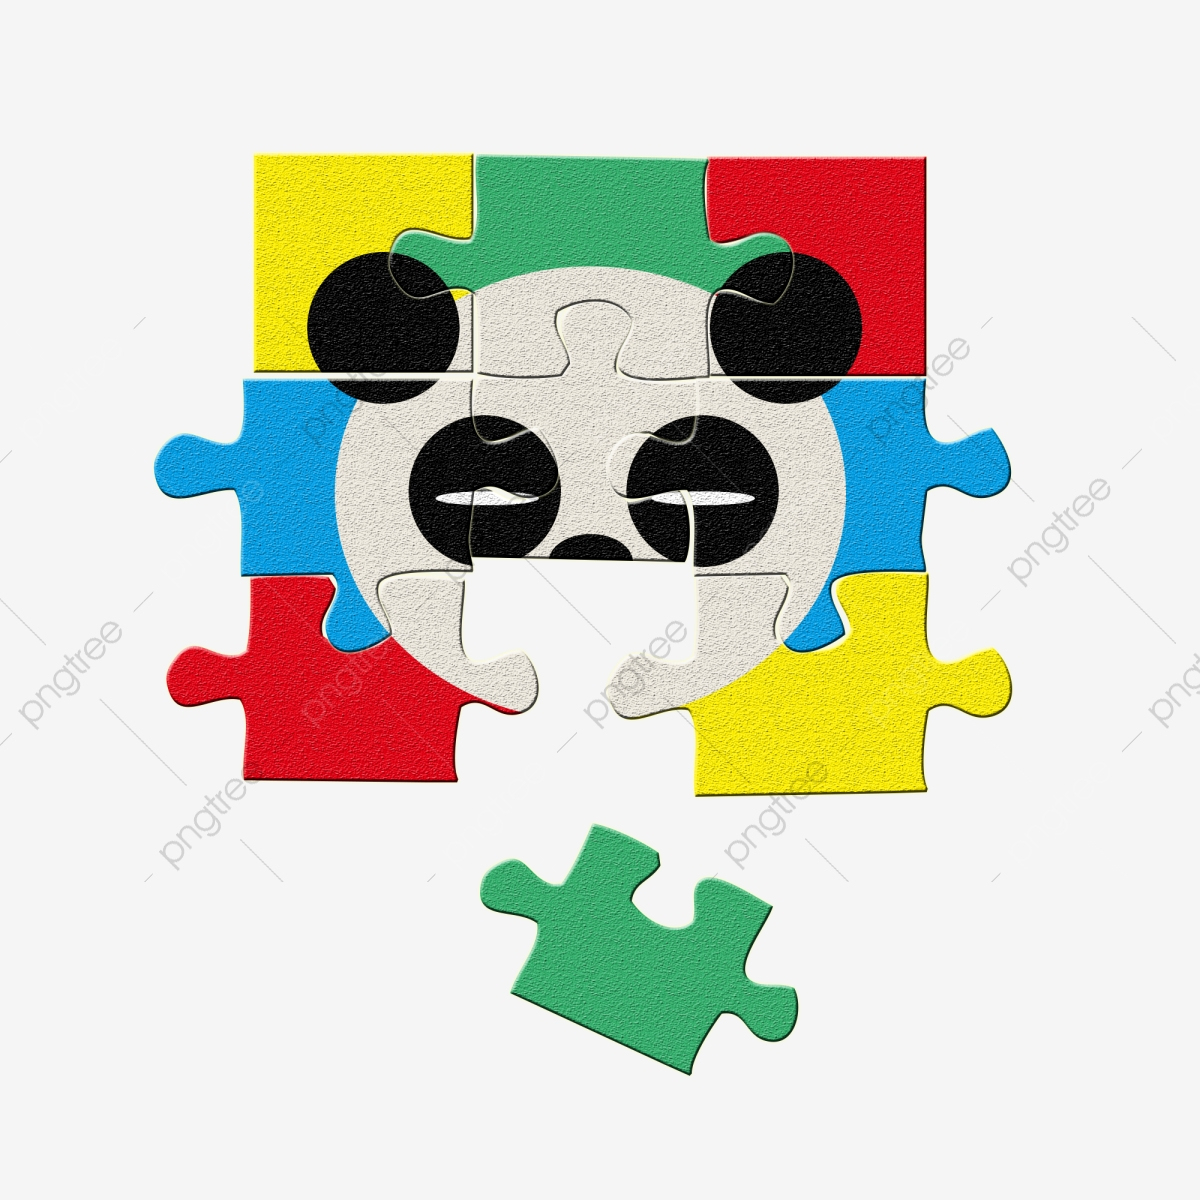 Matériel De Puzzle Mignon Panda Couleur Pour Jouets Enfants destiné Puzzle Gratuit Enfant